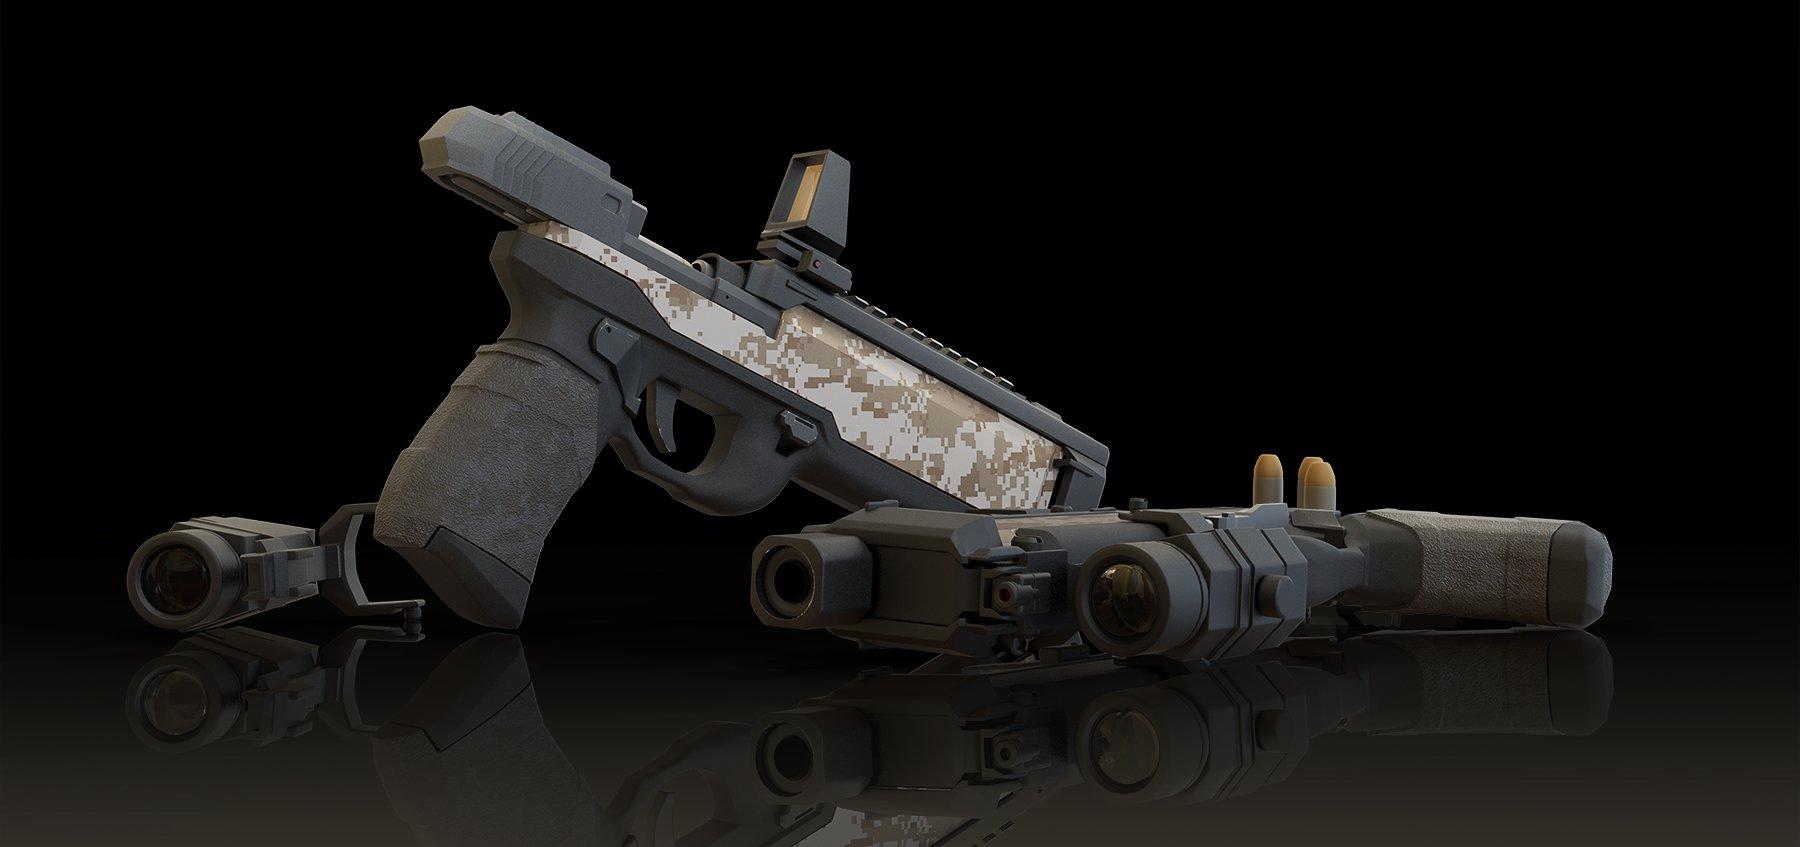 Il kim part add scene retake1 pistol 169